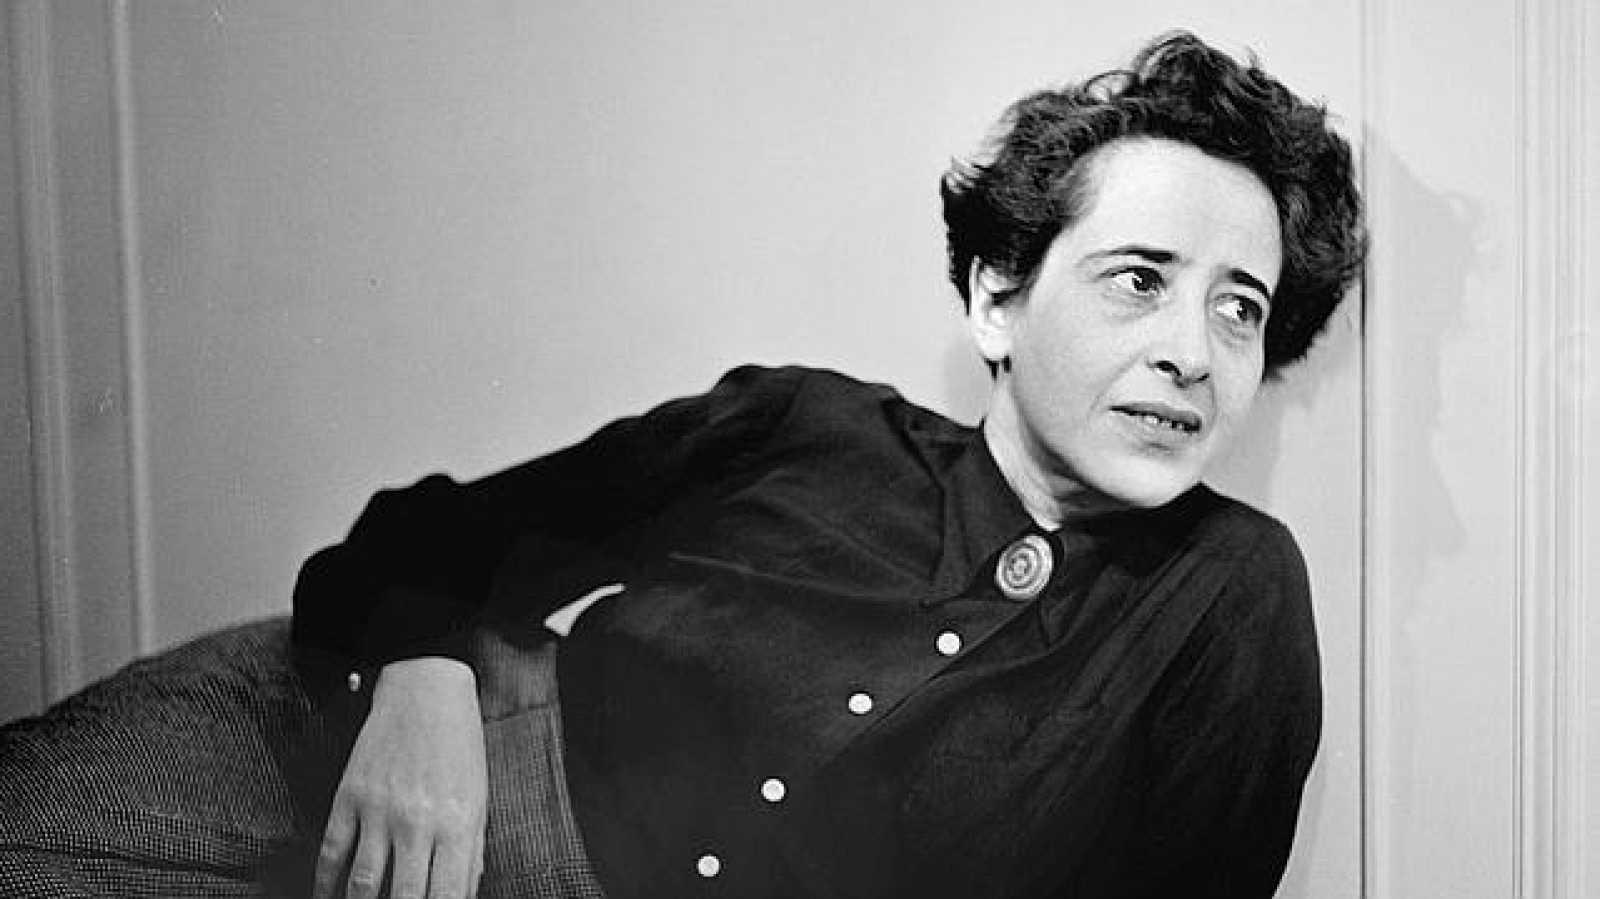 Música y pensamiento - Hannah Arendt - 30/12/15 - escuchar ahora